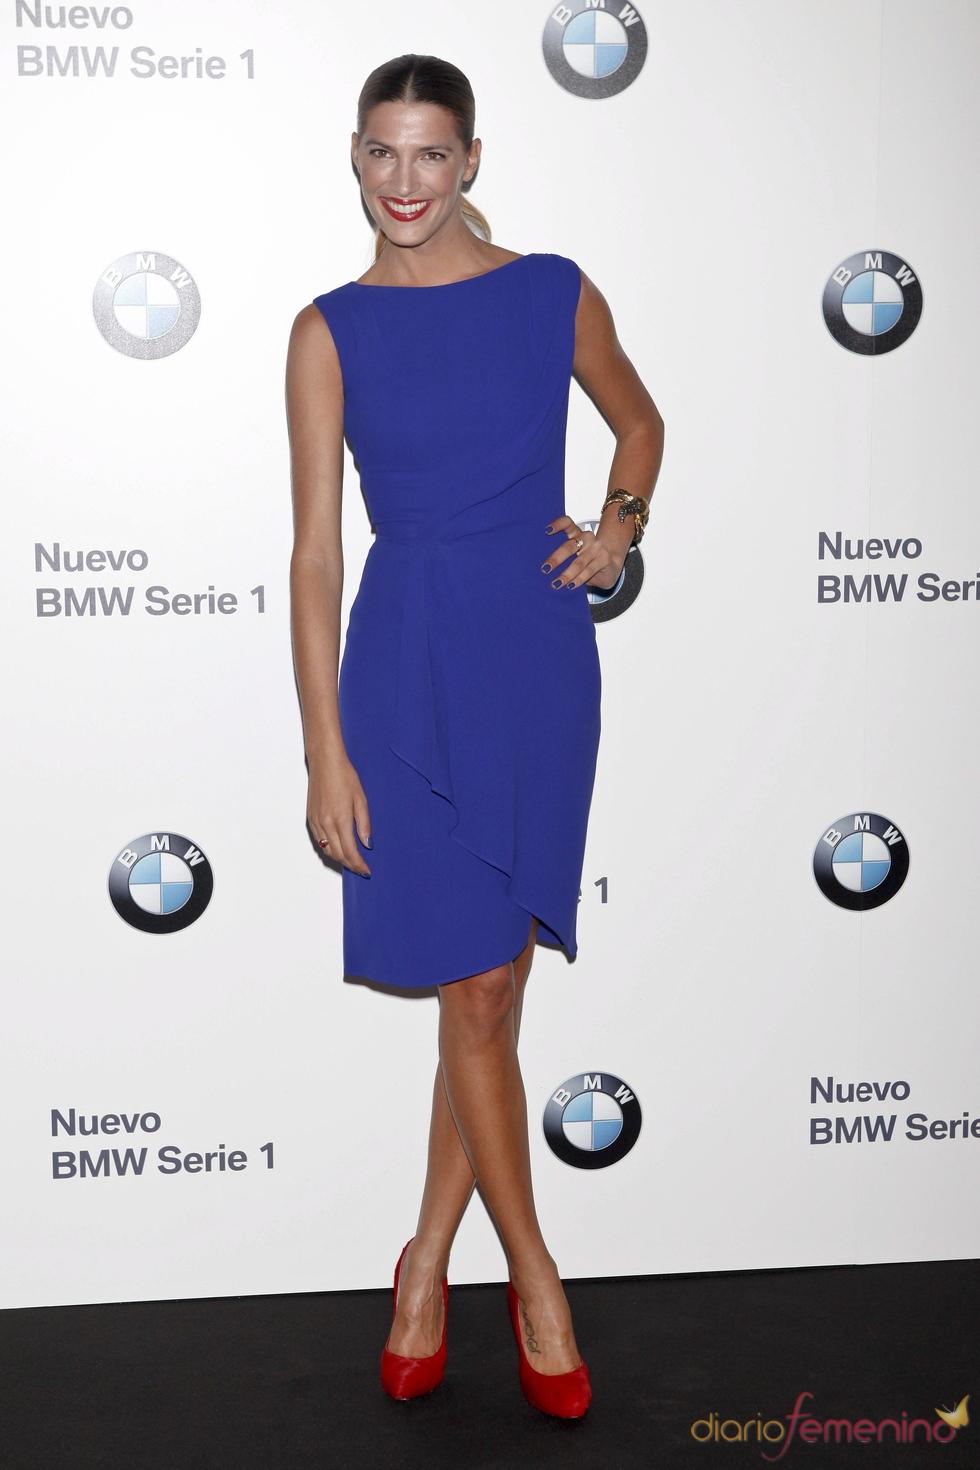 Combinacion de vestido azul con zapatos rojos